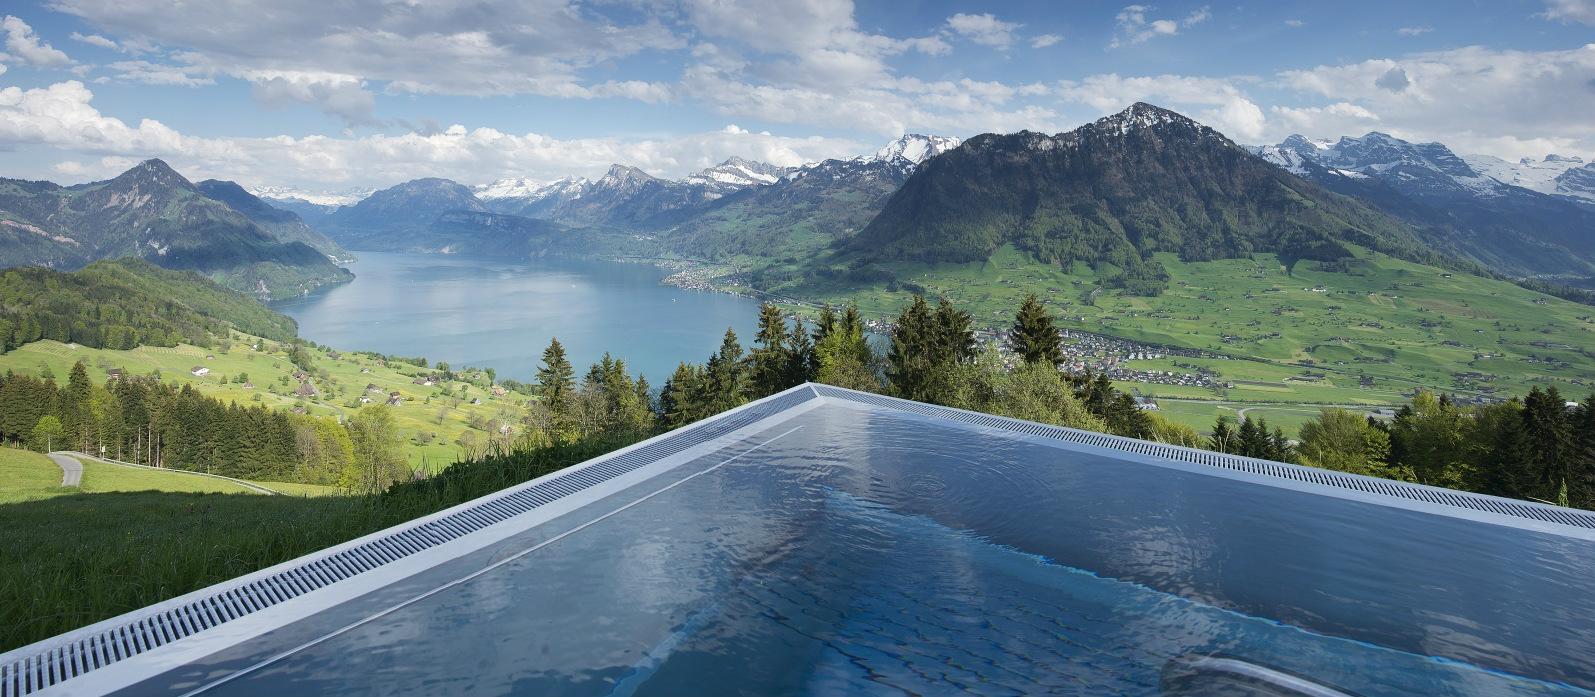 Hoteles con encanto la piscina con las mejores vistas del for Hoteles con encanto cerca de madrid con piscina